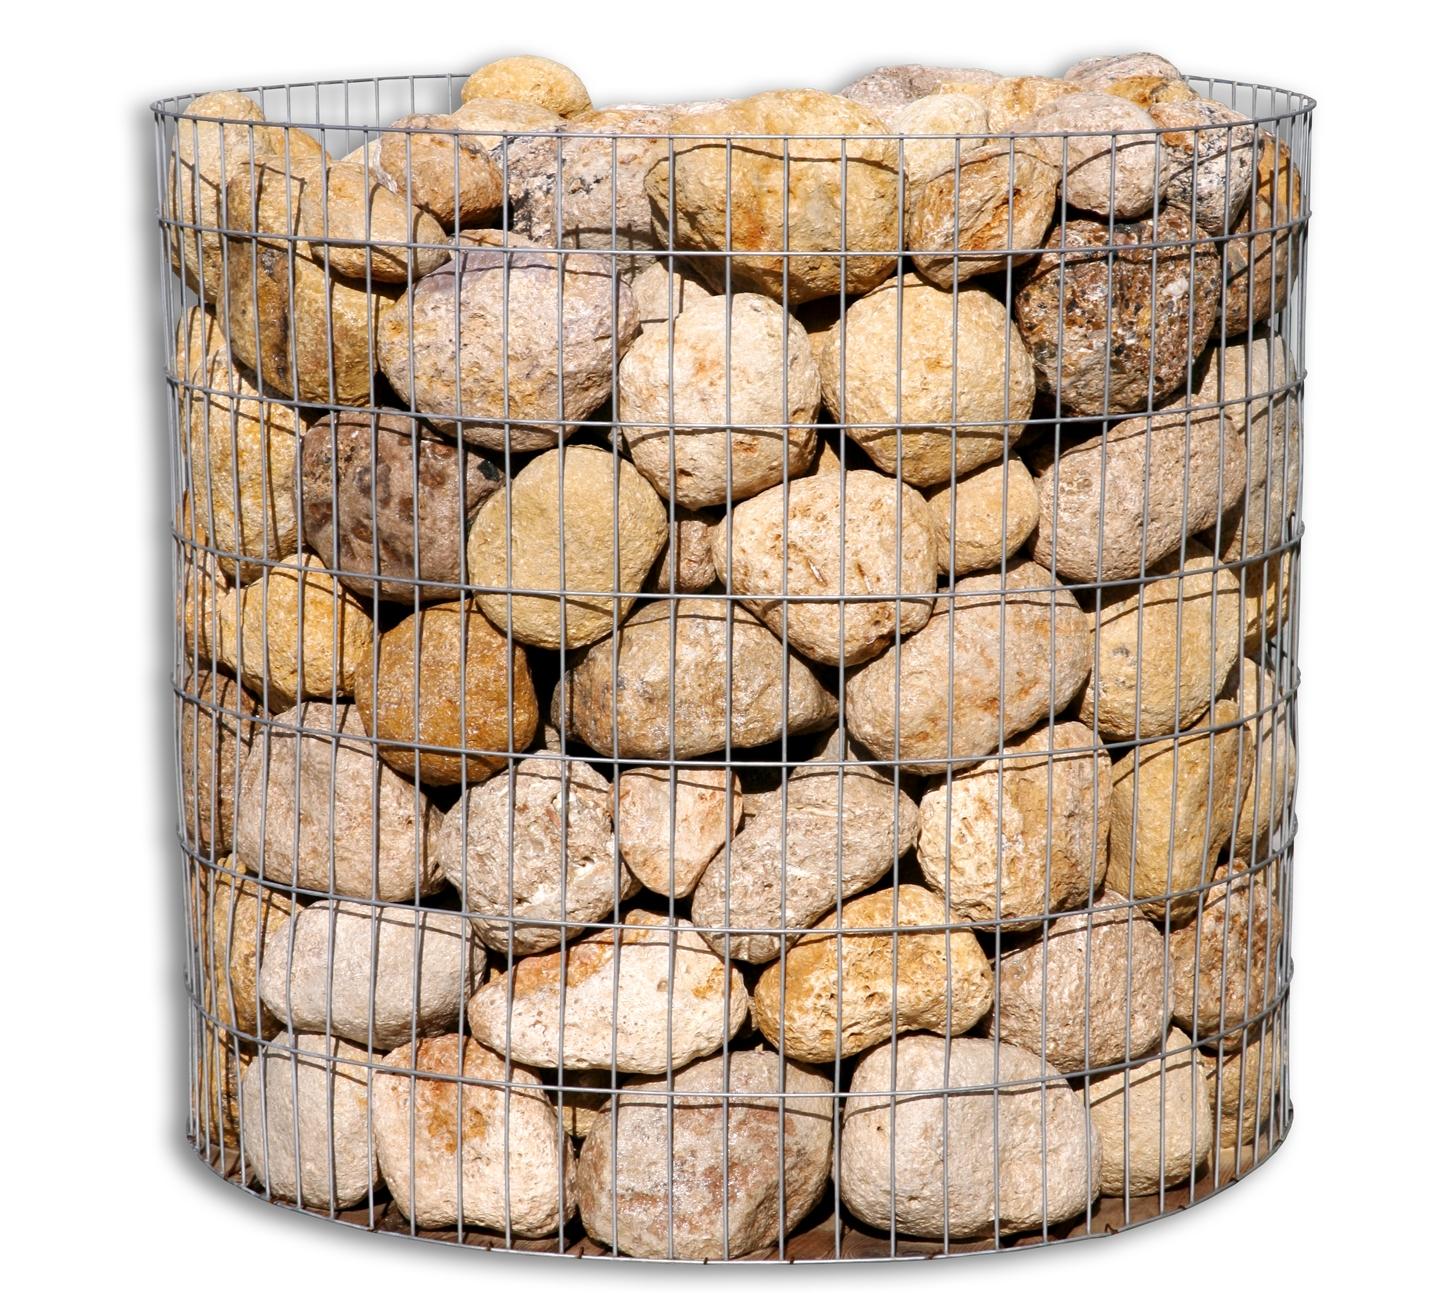 Piedra amarilla oro decorativa jard n - Piedras para construccion ...